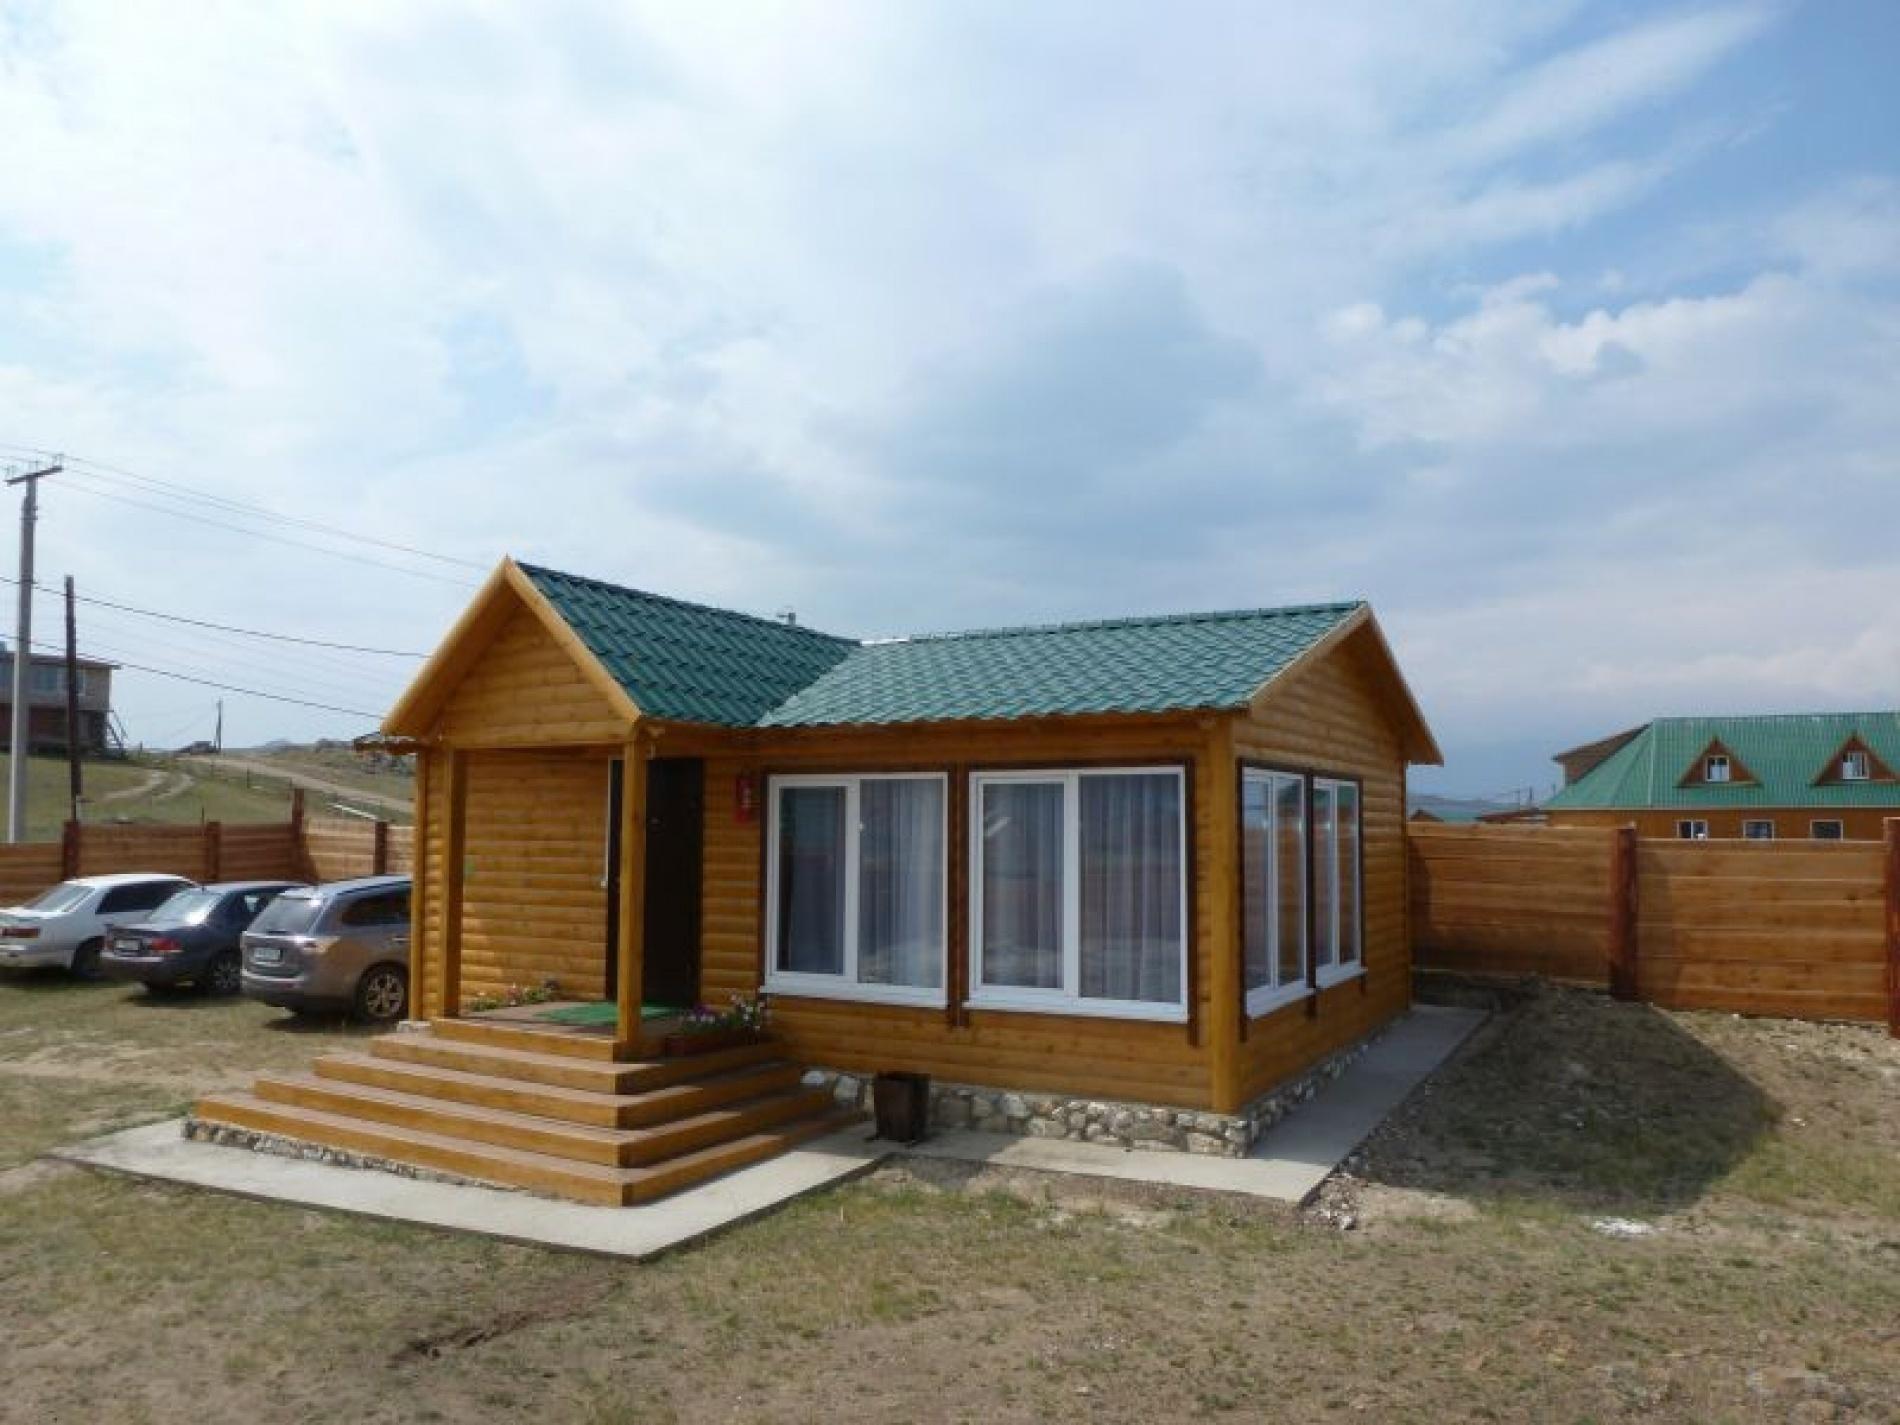 База отдыха «Ветер Странствий» Иркутская область Гостевые дома «Восток», «Запад», фото 1